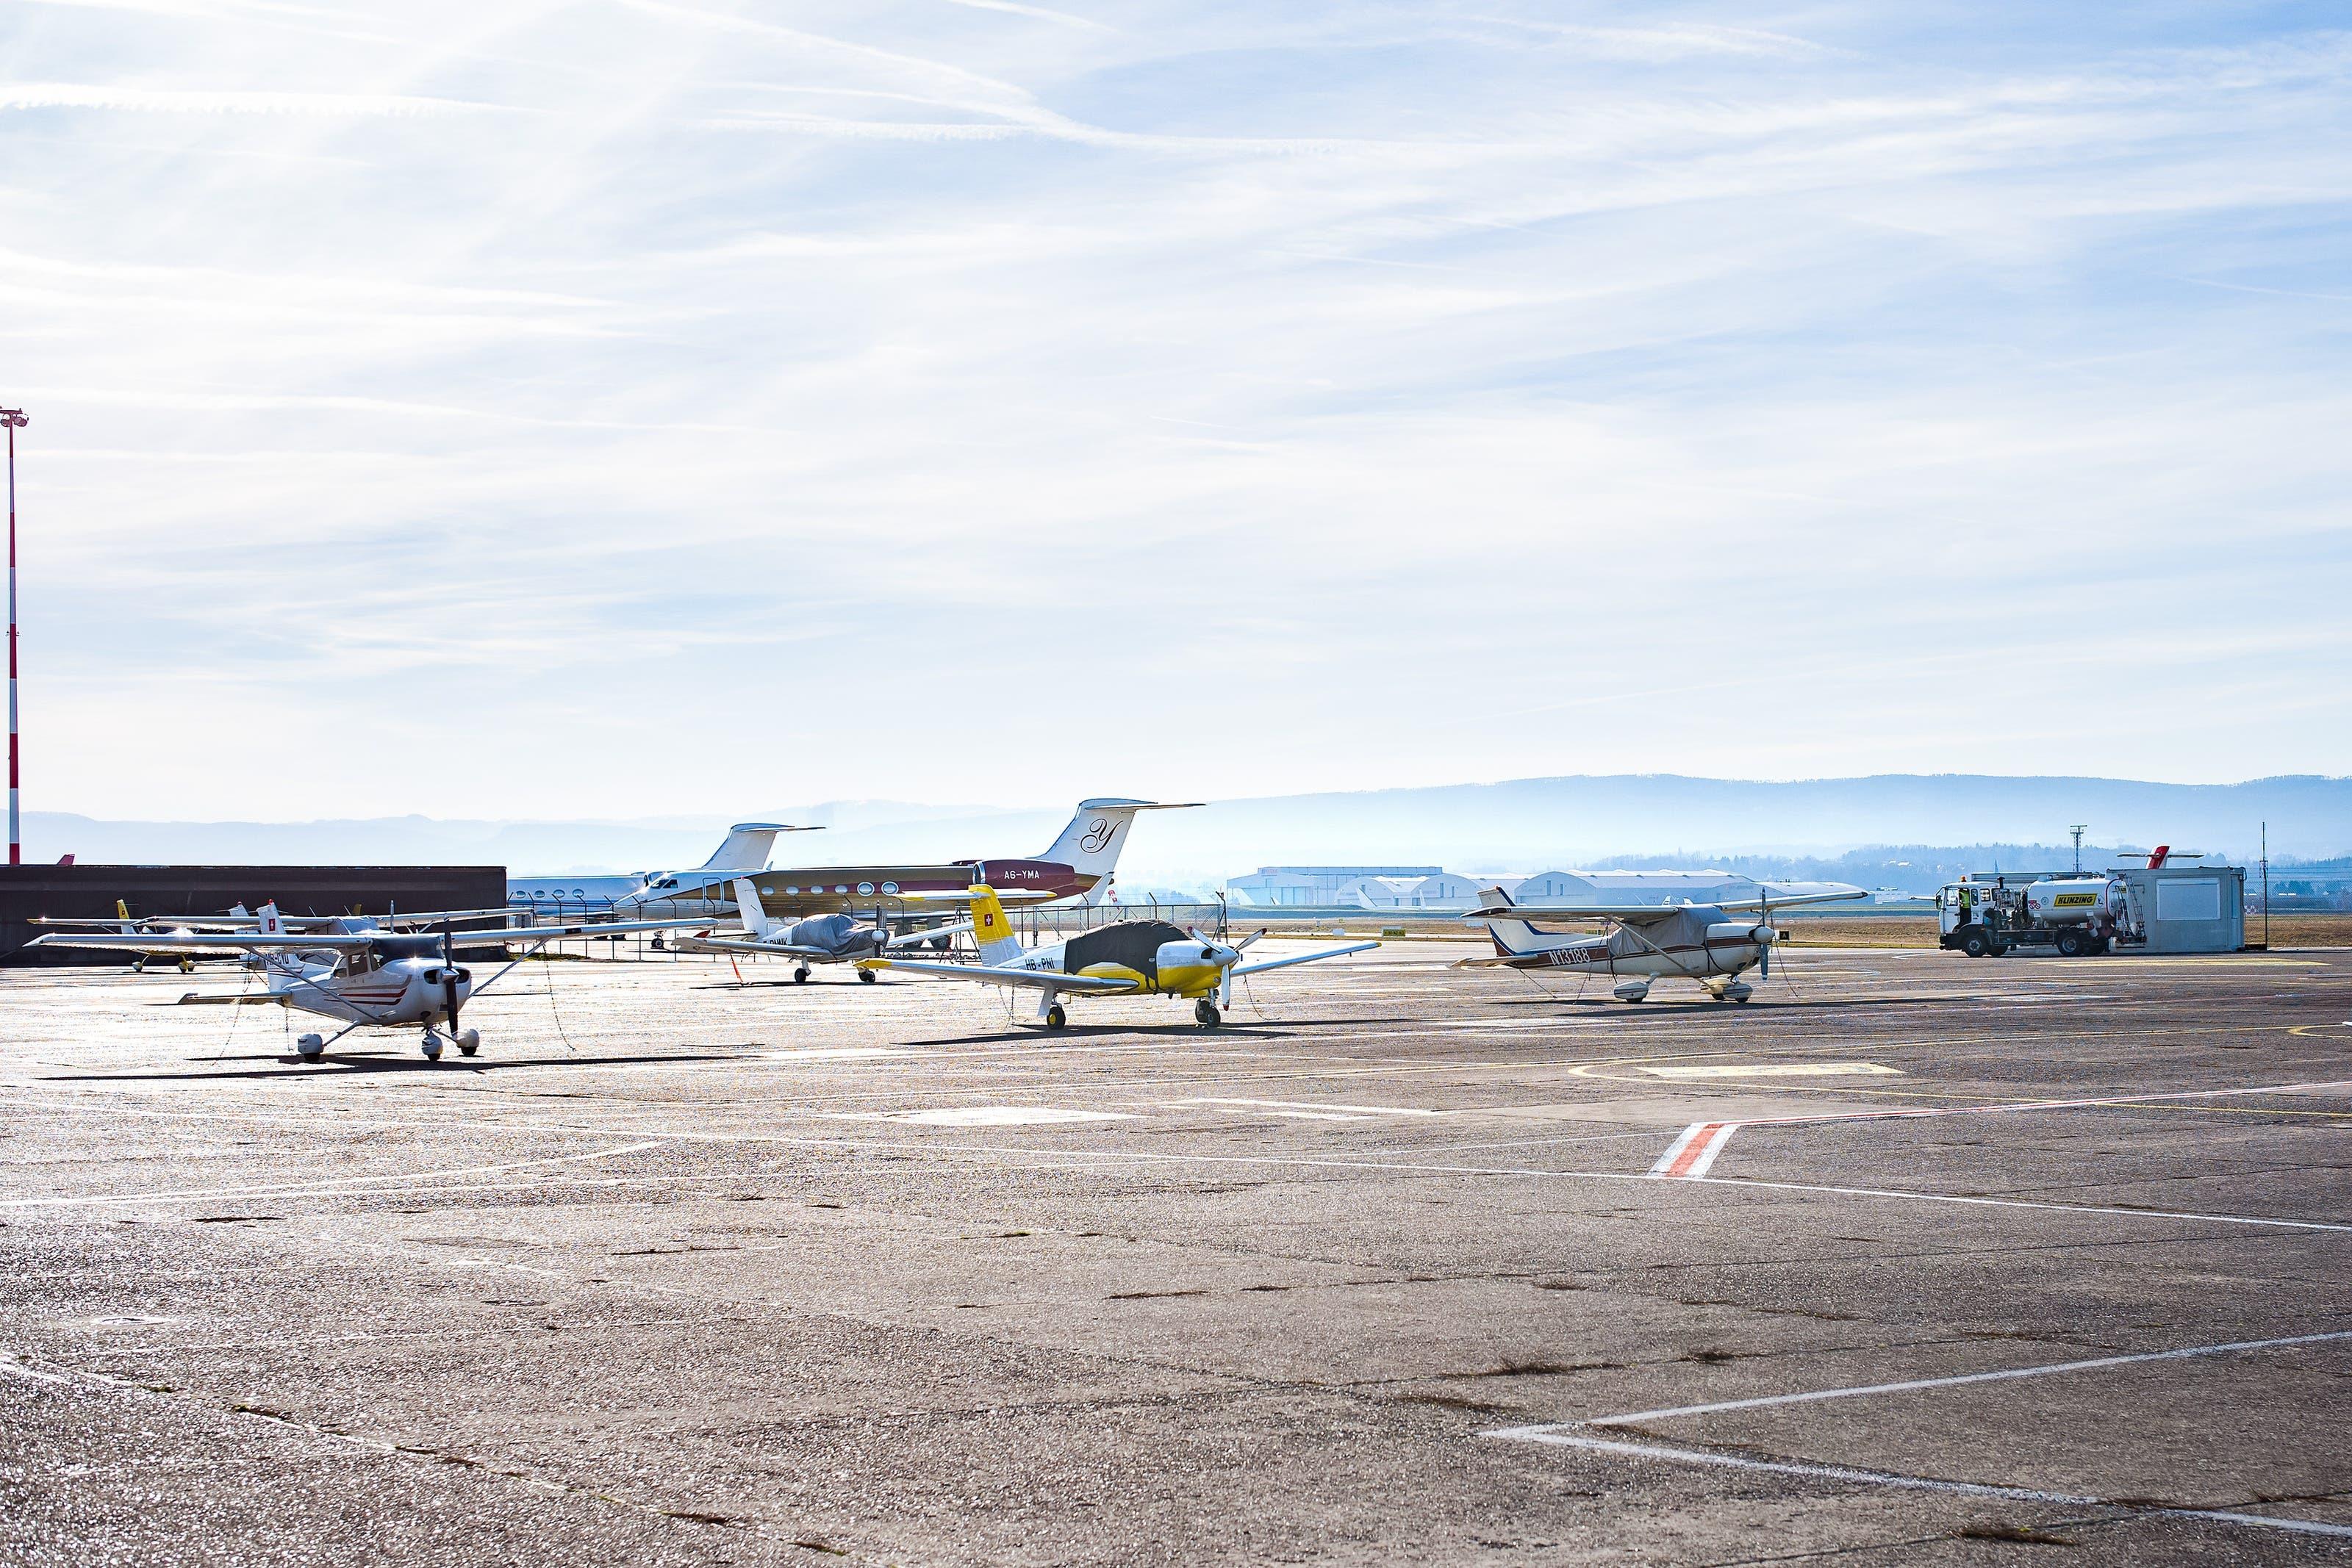 Flugschule Basel auf dem Euro Airport Mulhouse - von hier aus startete der verhängnisvolle Flug der Basler Piloten Flugschule Basel am Euro Airport, Logos und Gebäude.